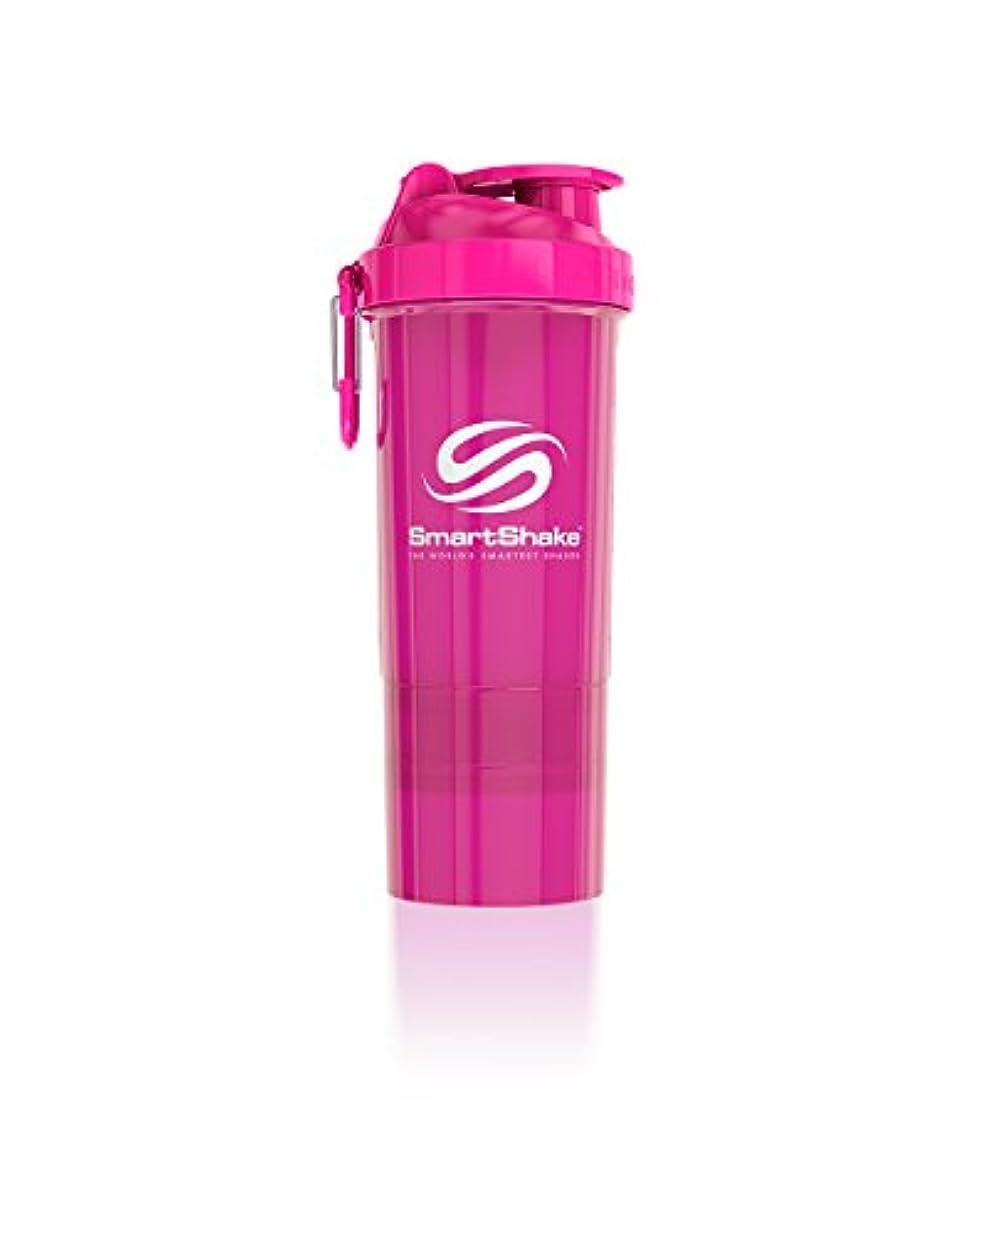 受け入れた火お嬢Smartshake オリジナル 2Go ボトル 27 oz 10580201